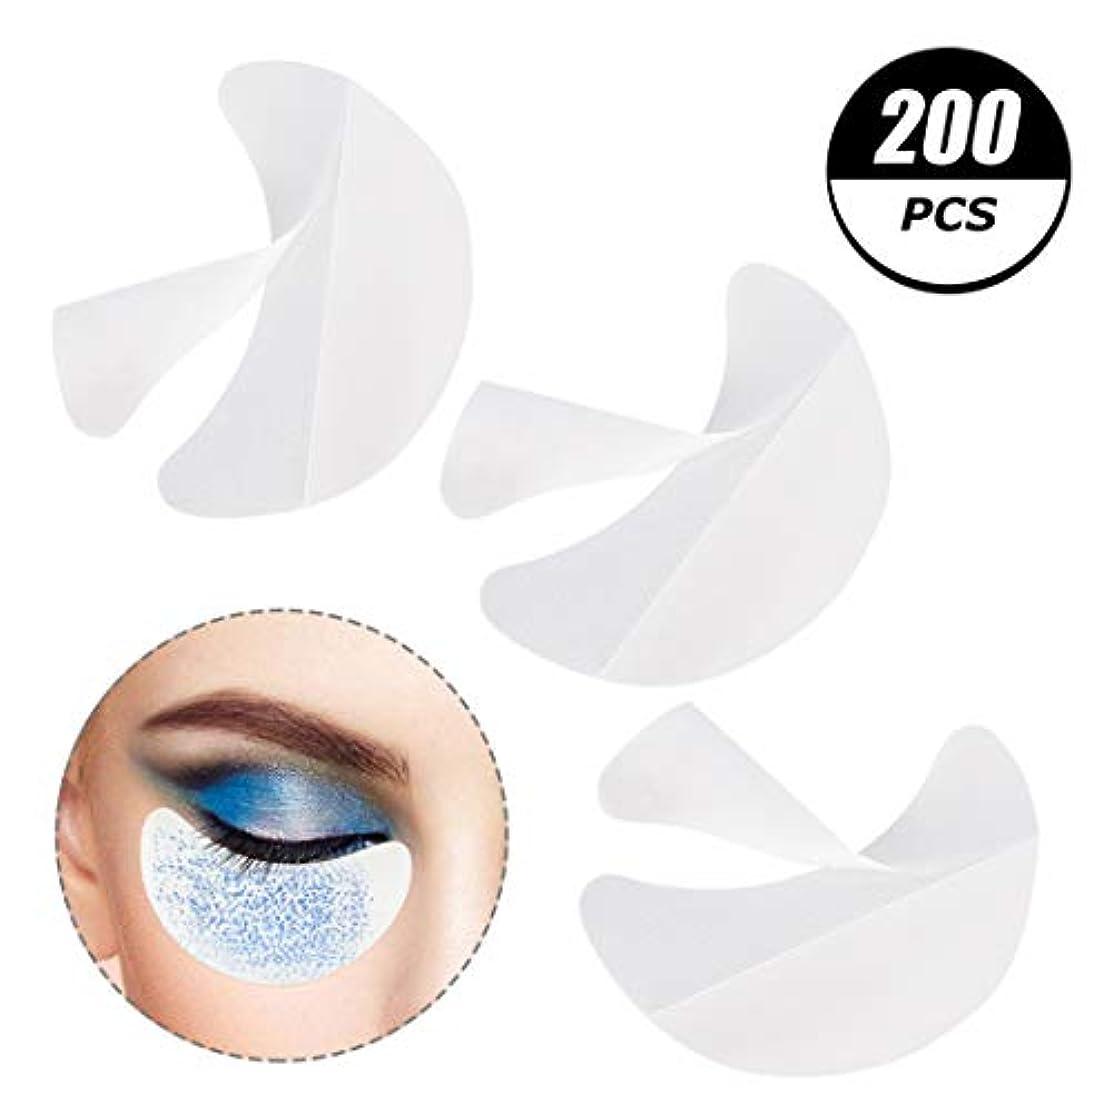 中間代数イブニングサリーの店 凝った200個のアイシャドーシールドは、まつげ拡大、色合いと唇化粧残余化粧品ツールを防止するためにアイメイクパッドアイシャドーステンシルをシールドします